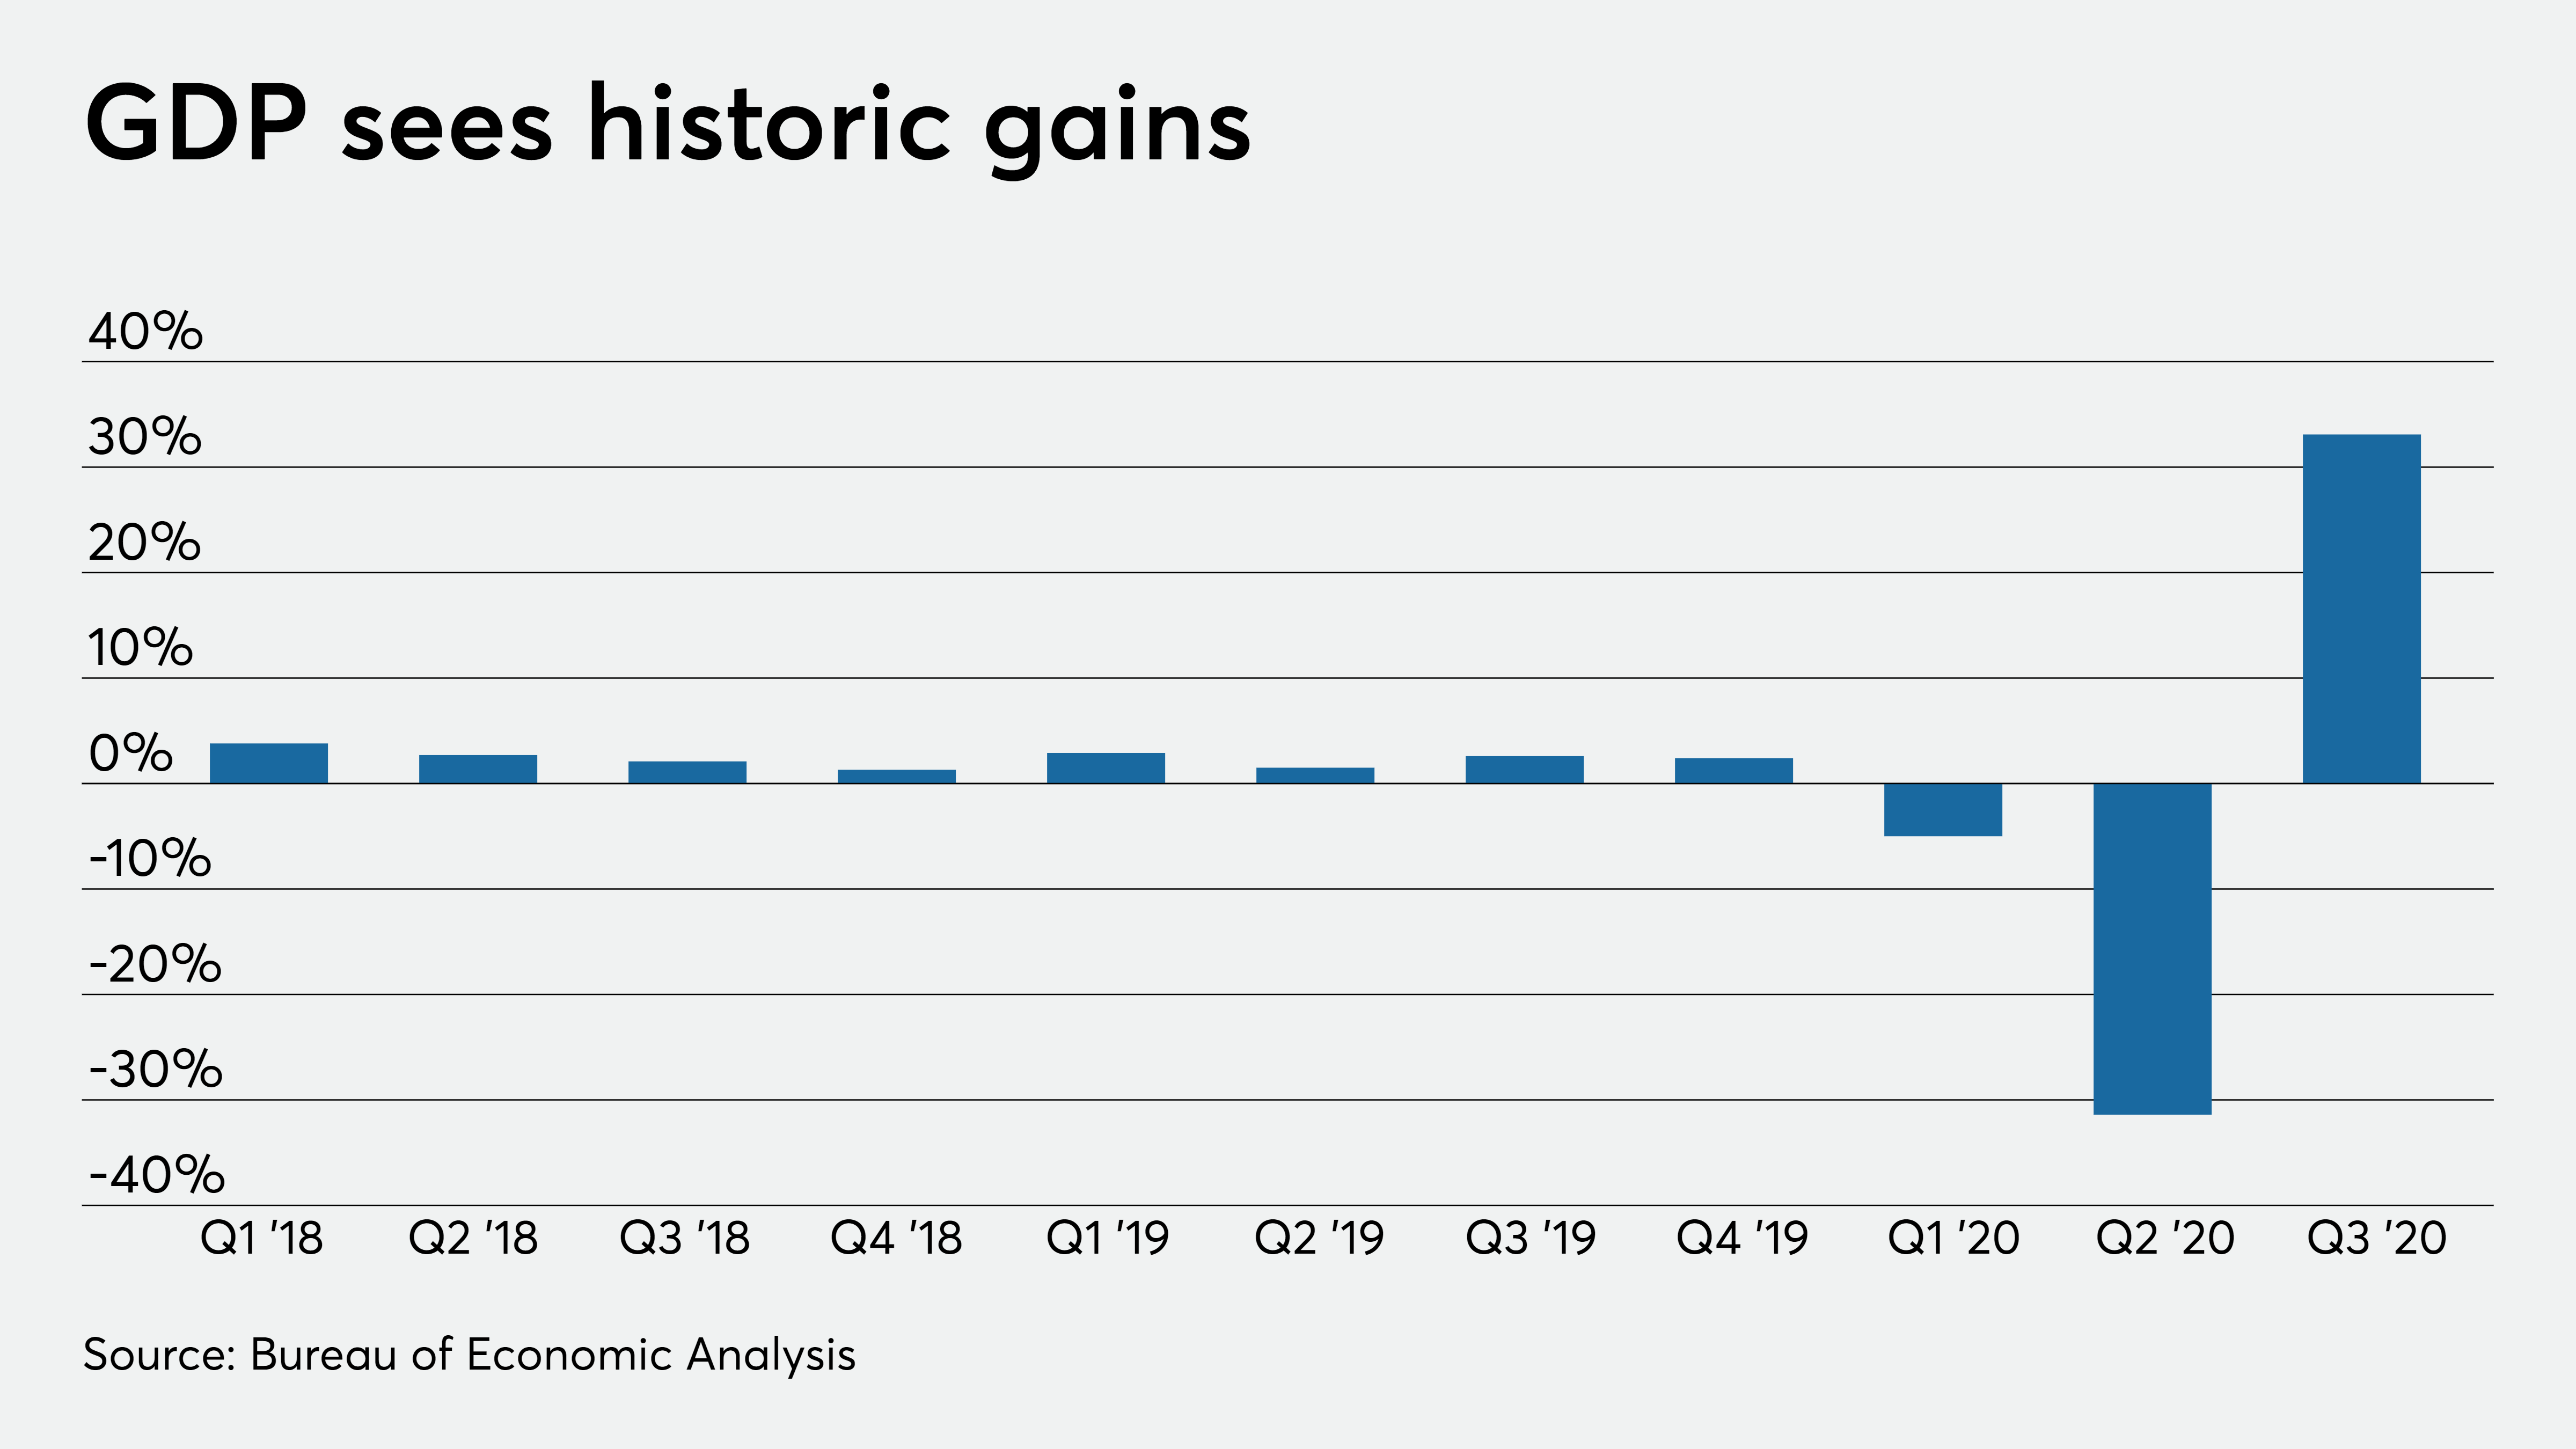 U.S. economy surges 33.1% in Q3, biggest gain on record